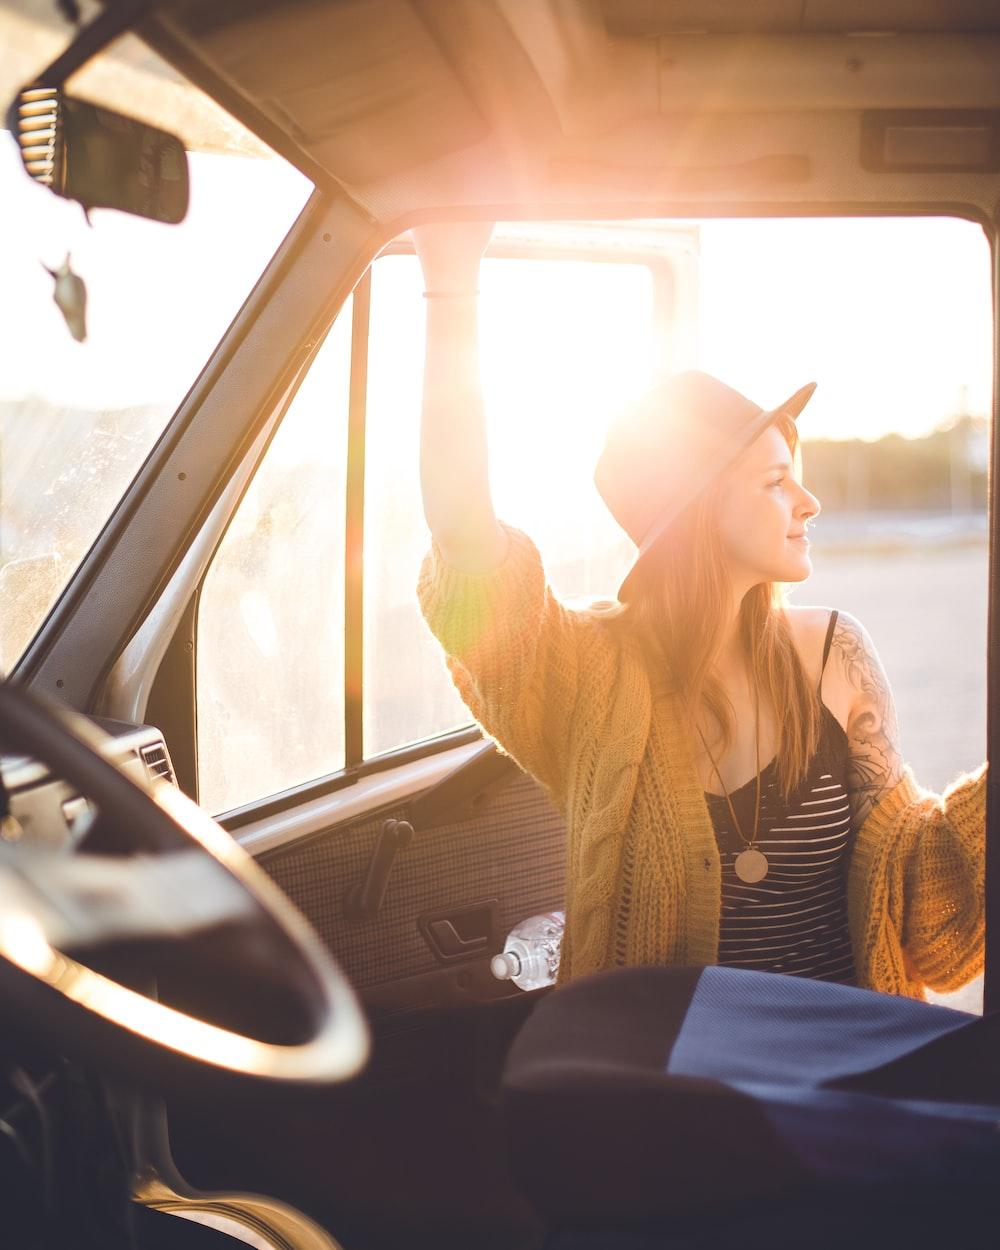 woman standing beside vehicle door